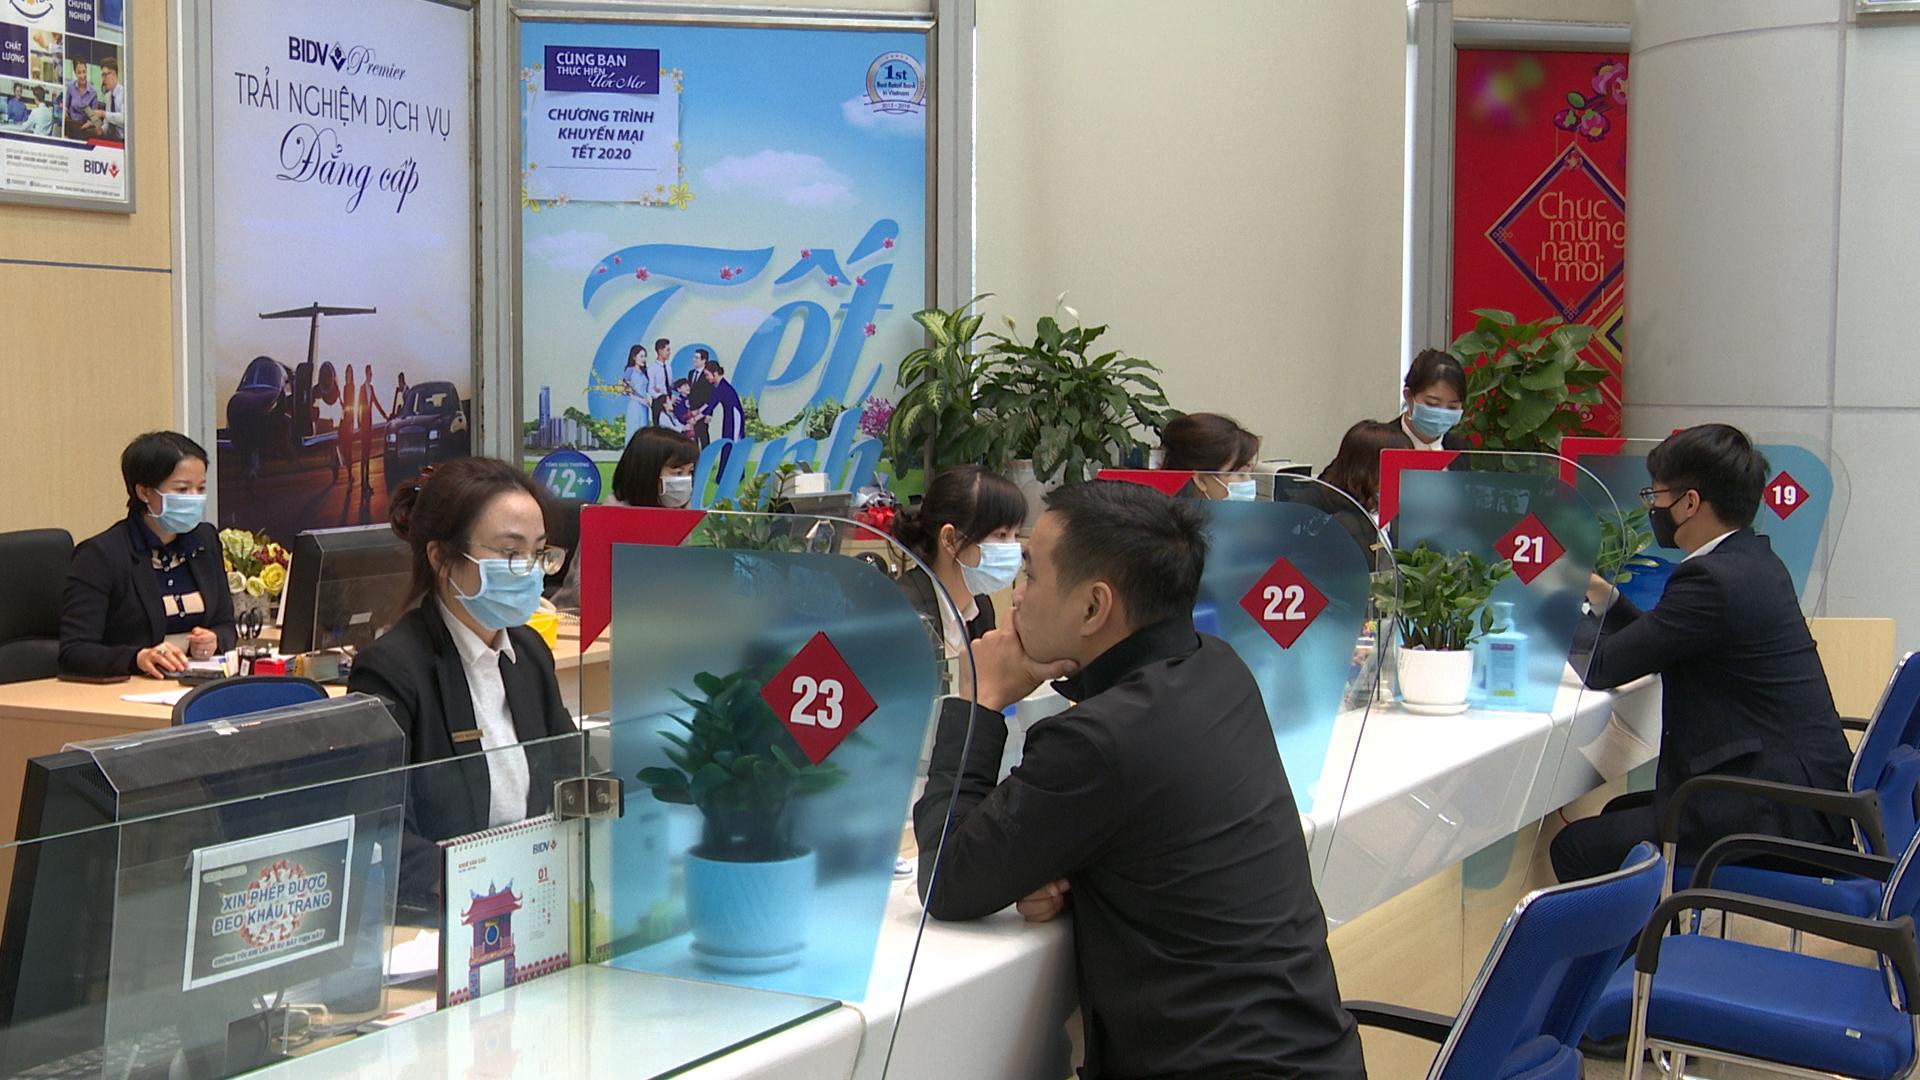 Bảo hiểm xã hội Việt Nam triển khai dịch vụ nộp tiền trực tuyến cho các đơn vị sử dụng lao động